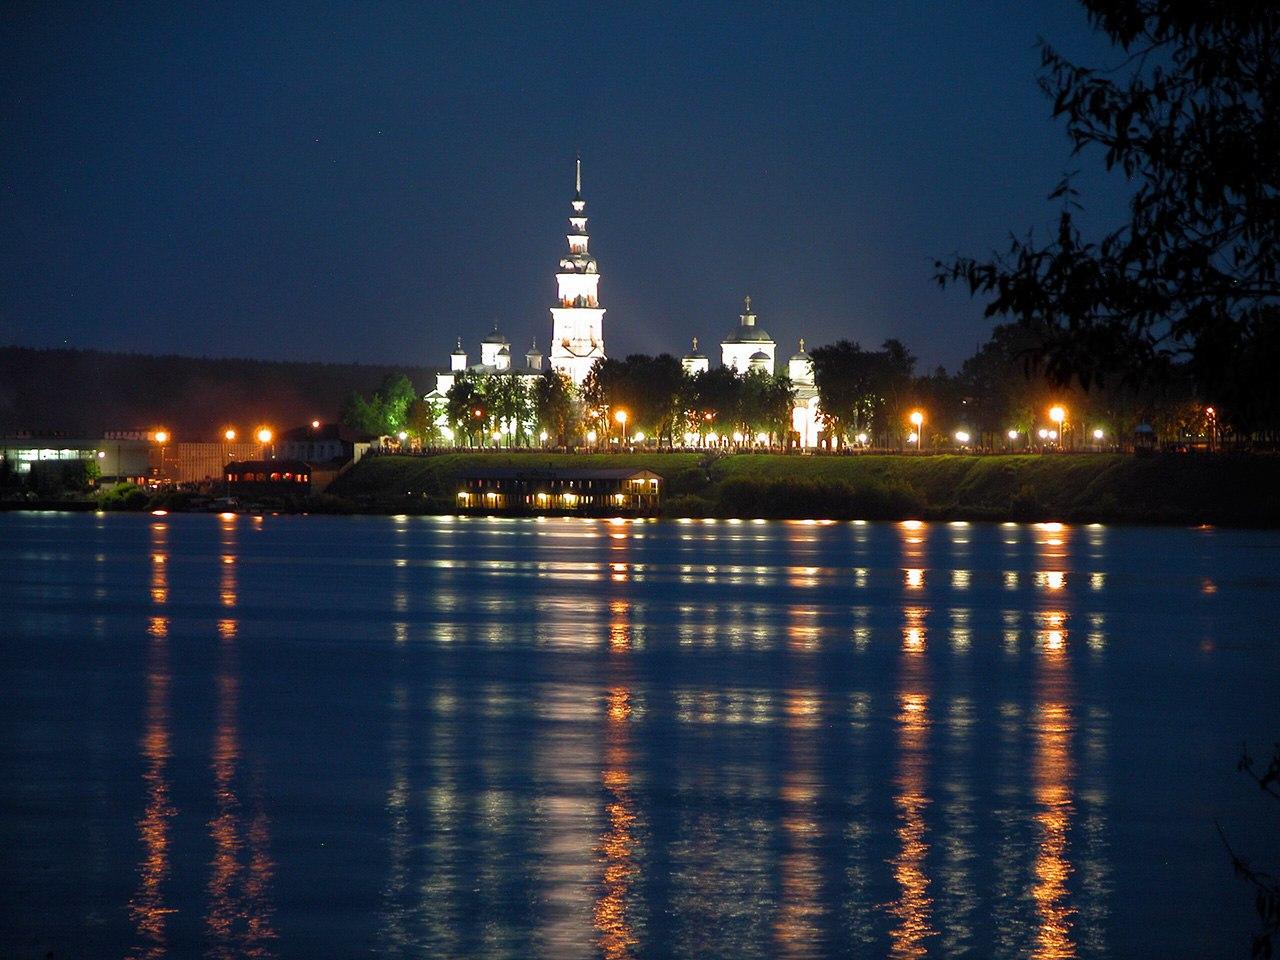 Что посмотреть в городе #Кинешма Ивановской области    Среди достопримечательностей Кинешмы можно выделить х...